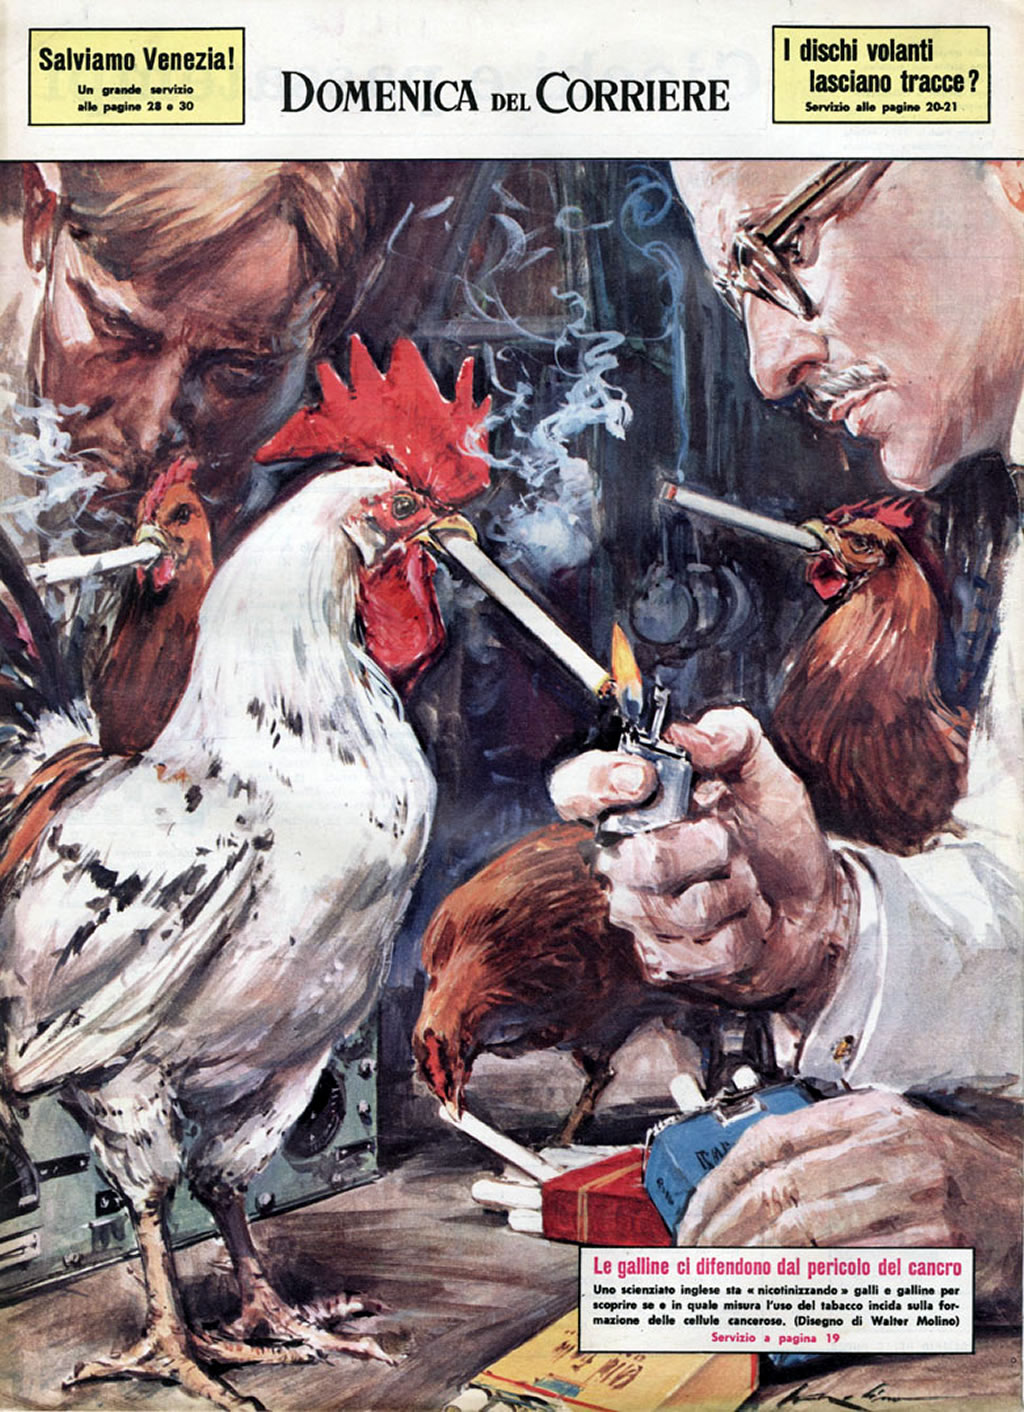 La Domenica del Corriere. Le galline come cavie per l'effetto del fumo sul cancro